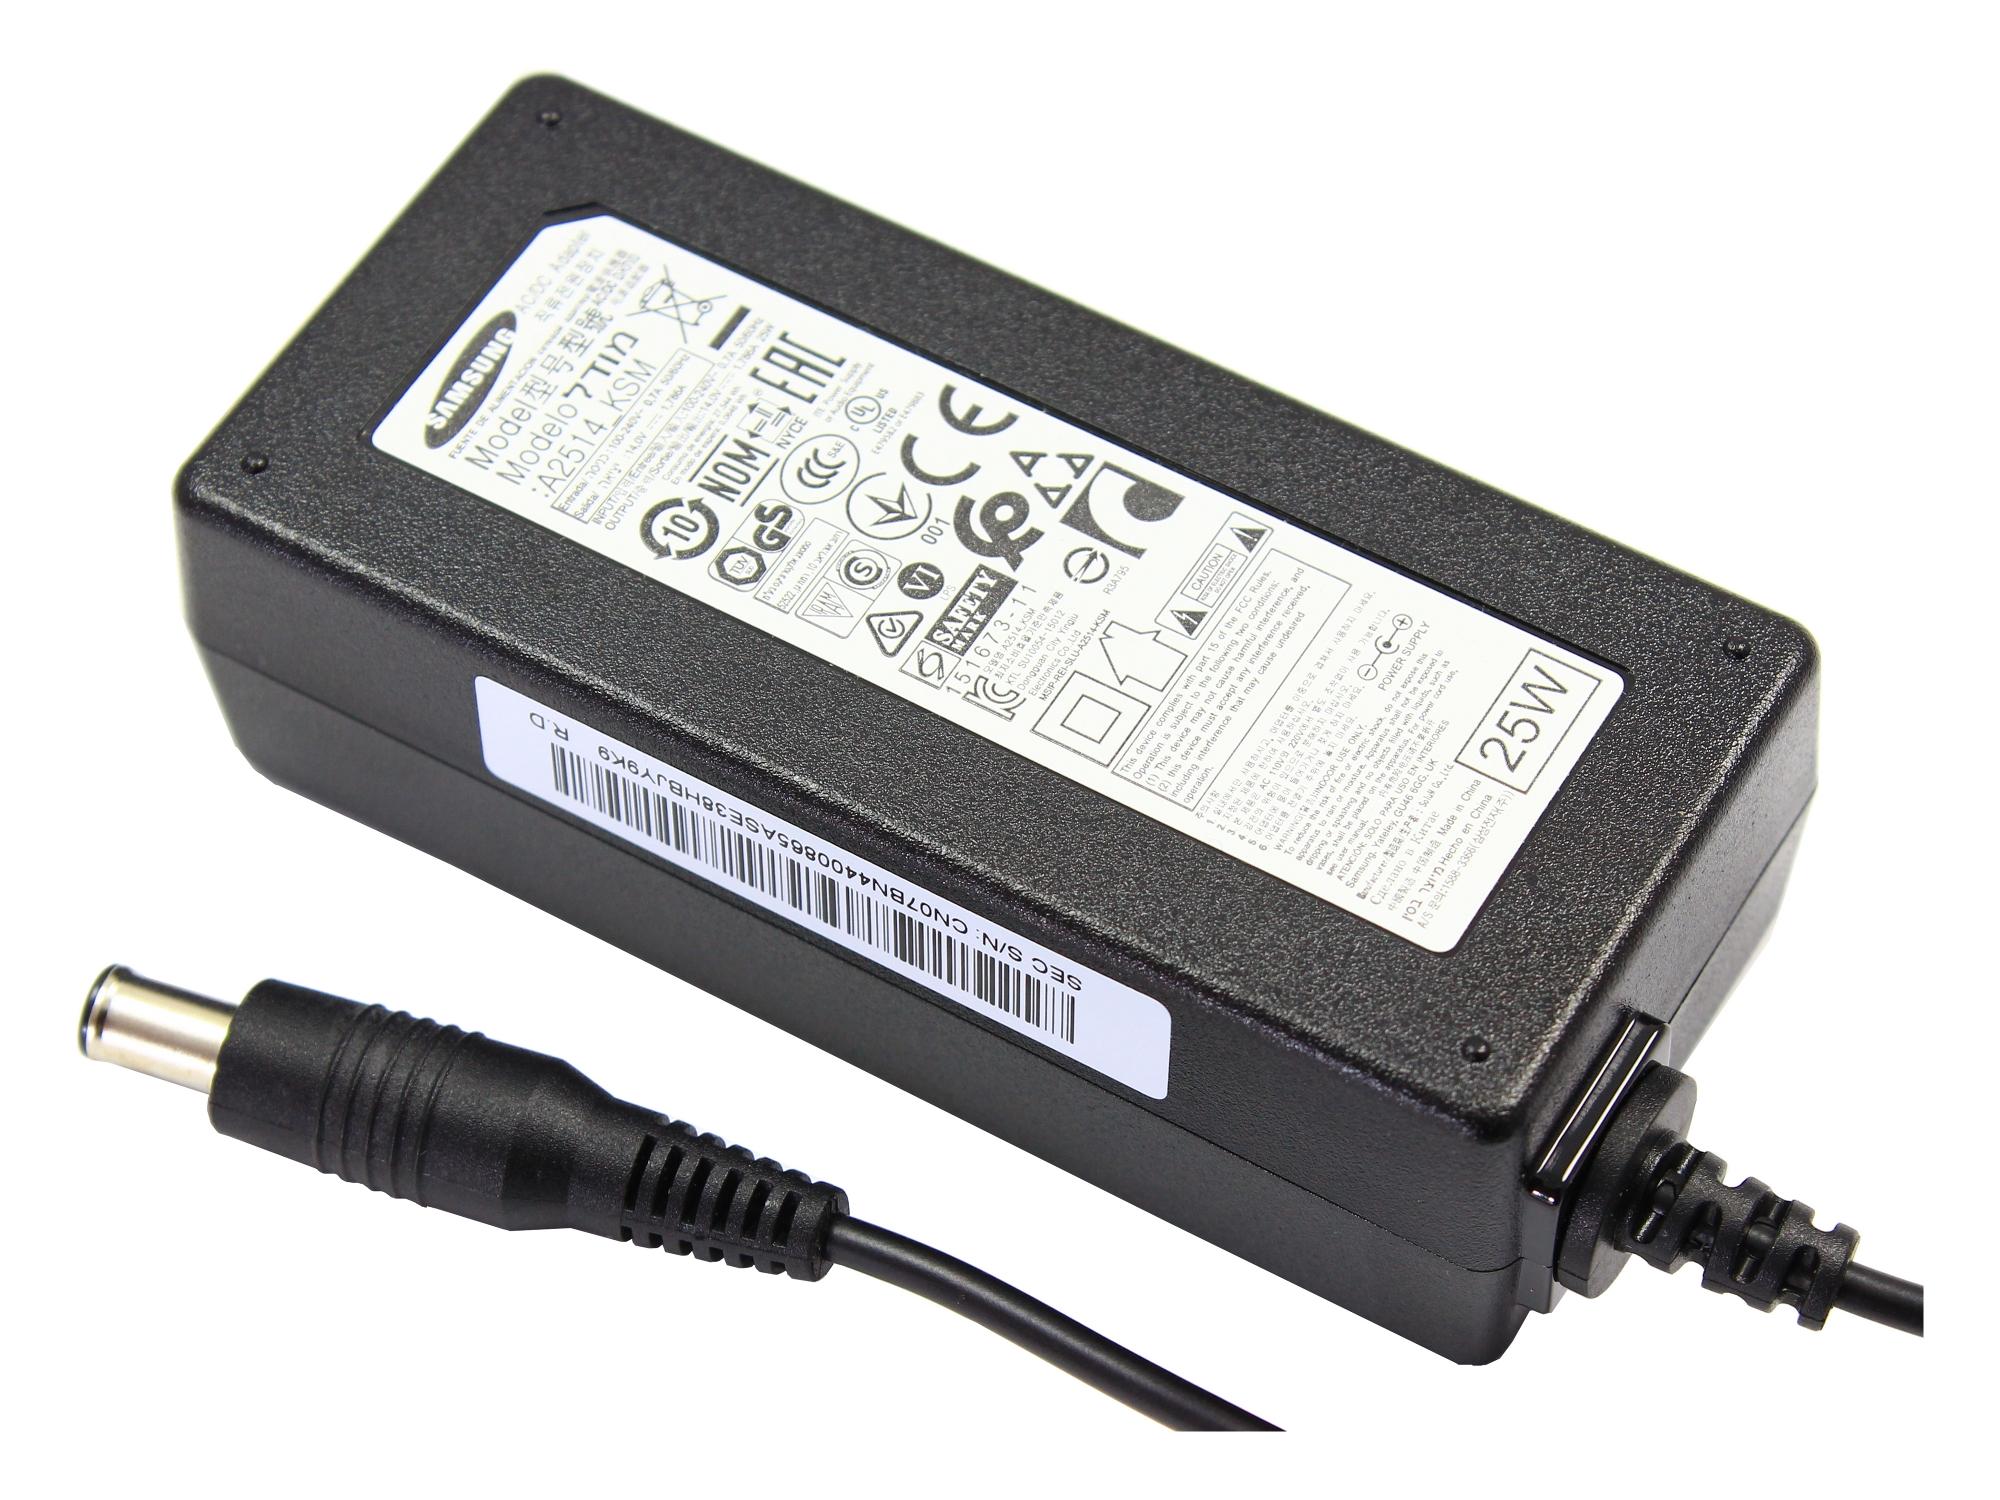 Incarcator original Samsung LS24CBUAFY/ZA, LS27C230BS/ZA